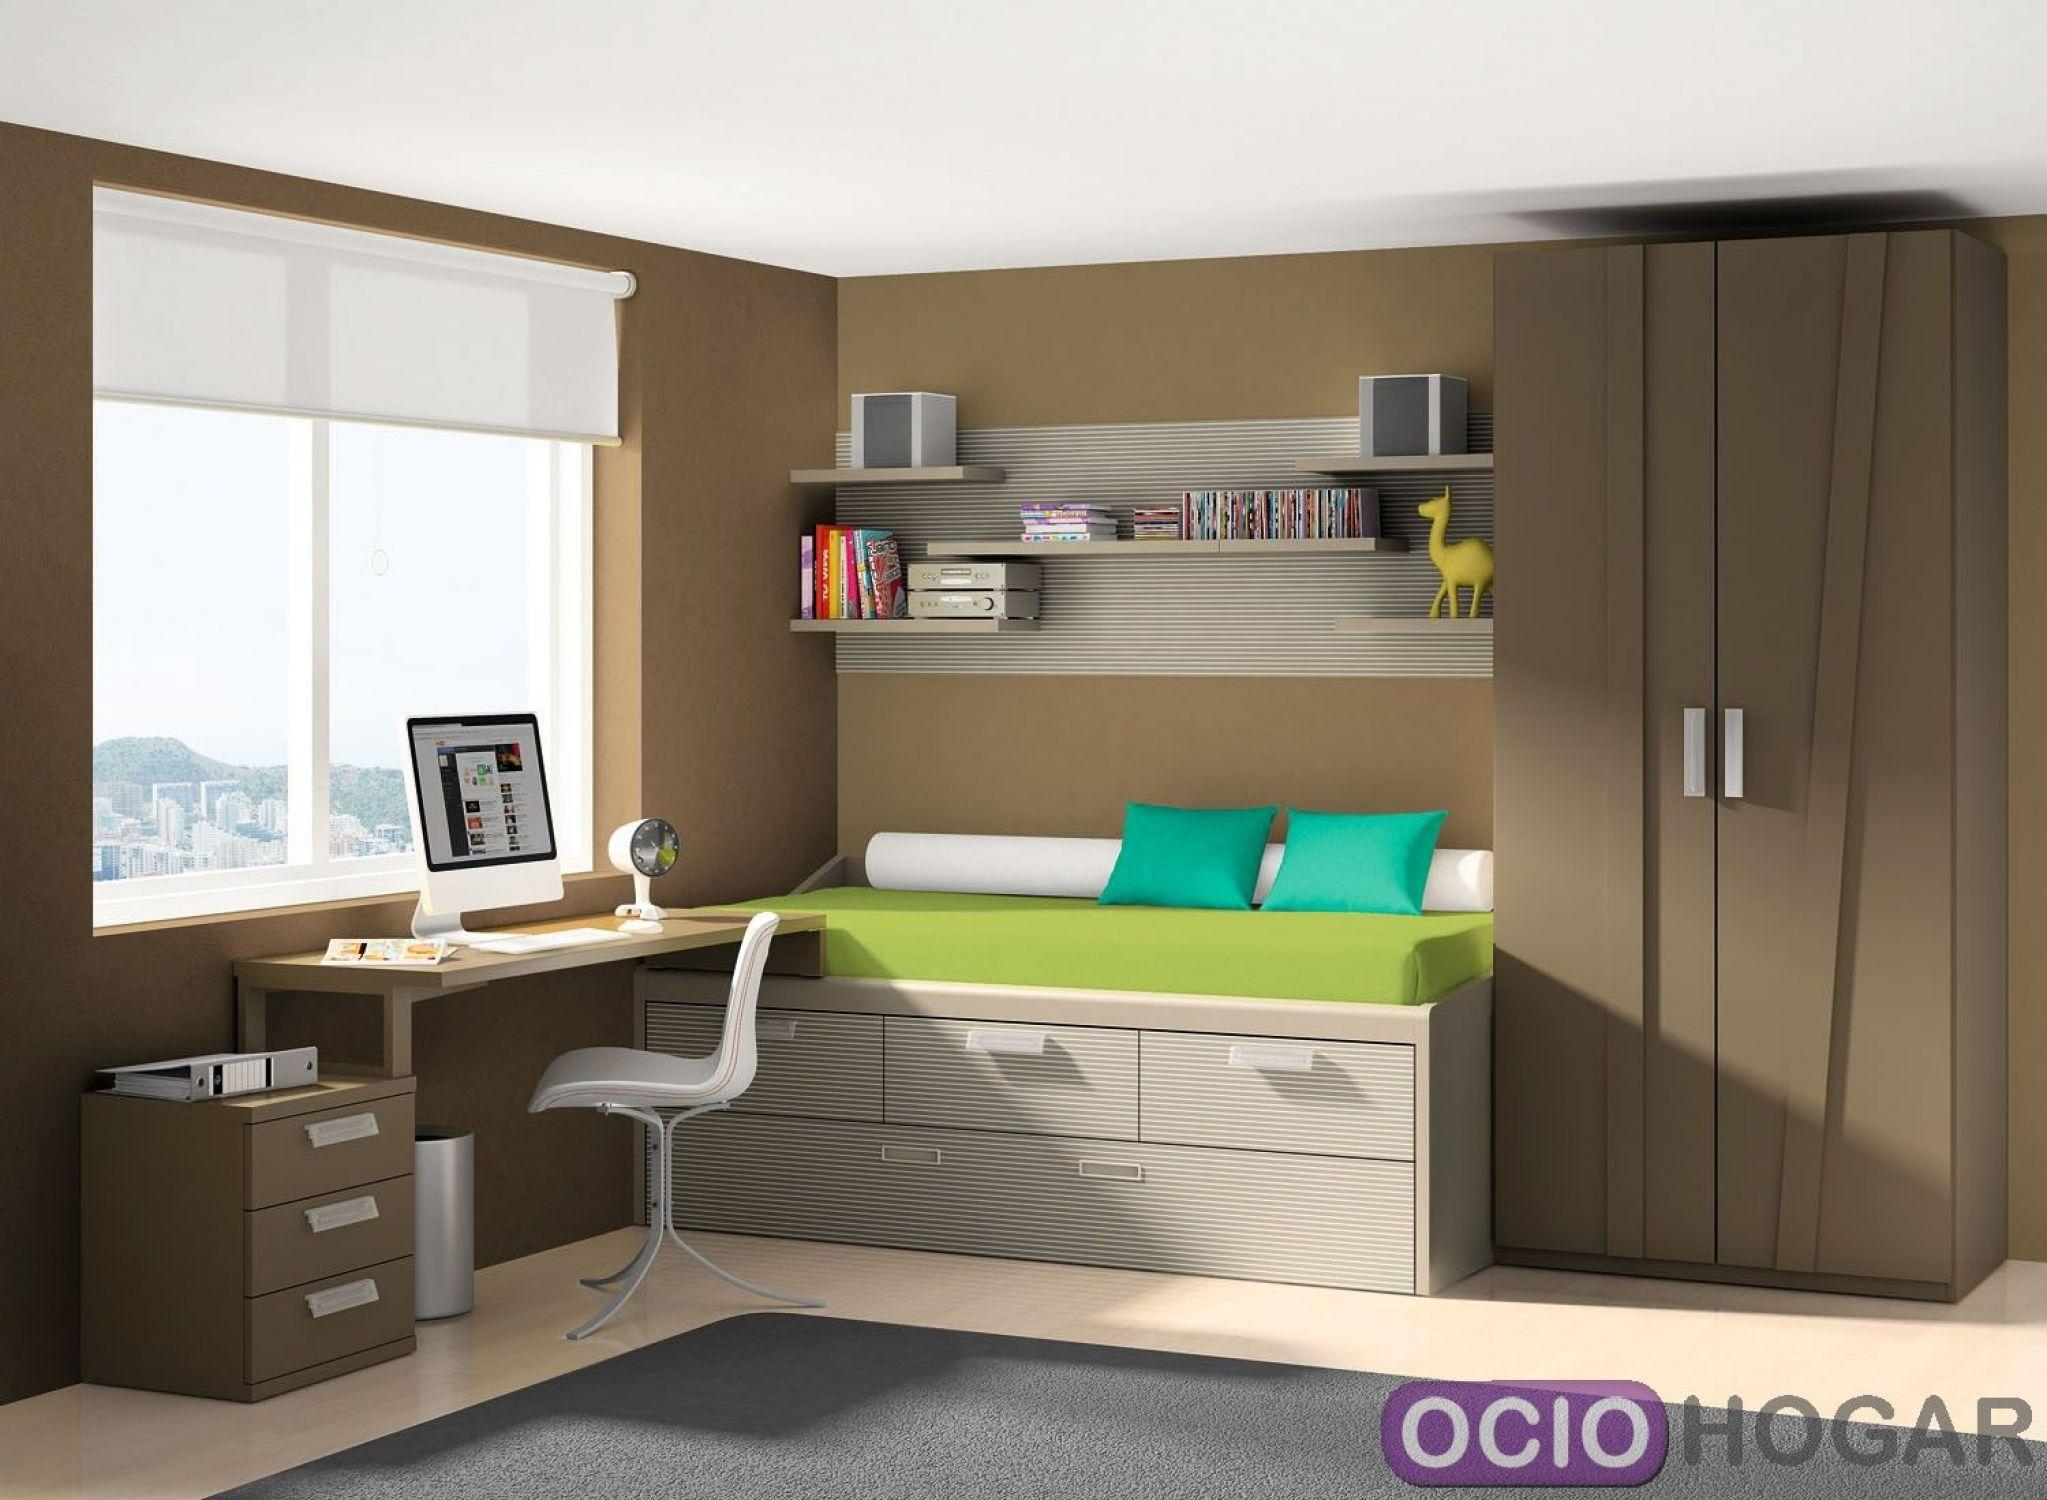 Dormitorio juvenil delta de dissery - Imagenes dormitorios juveniles ...